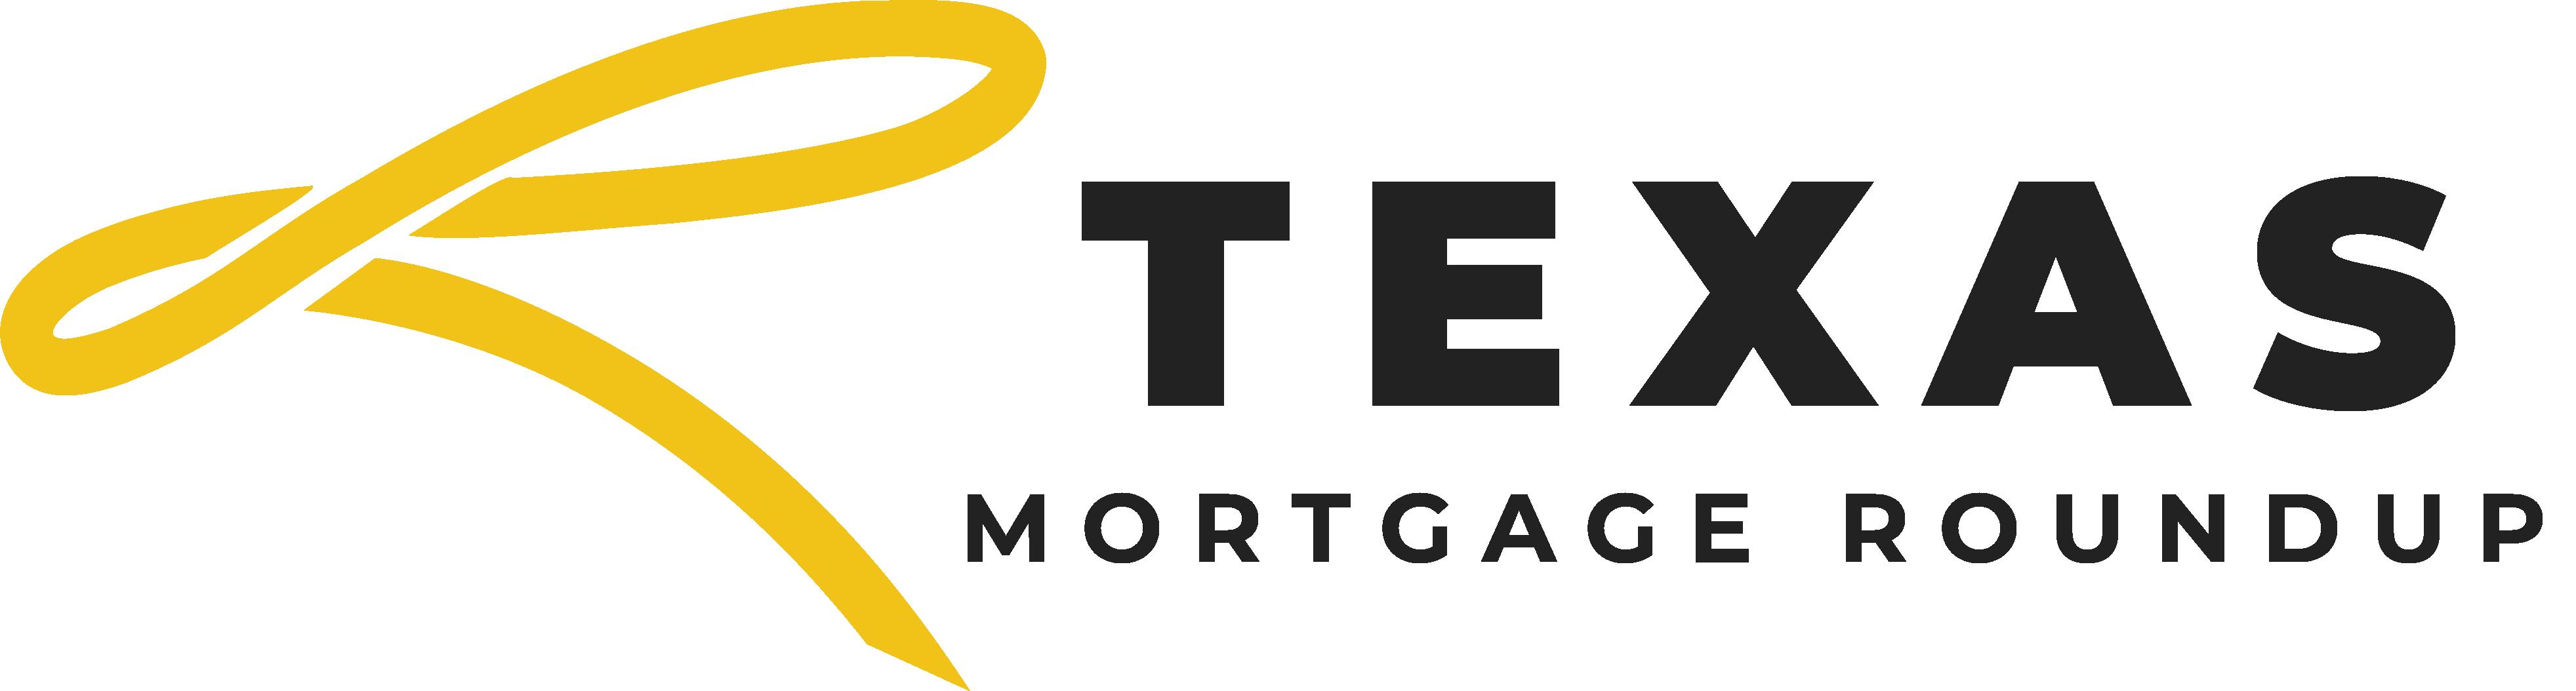 Texas Mortgage Roundup — Houston